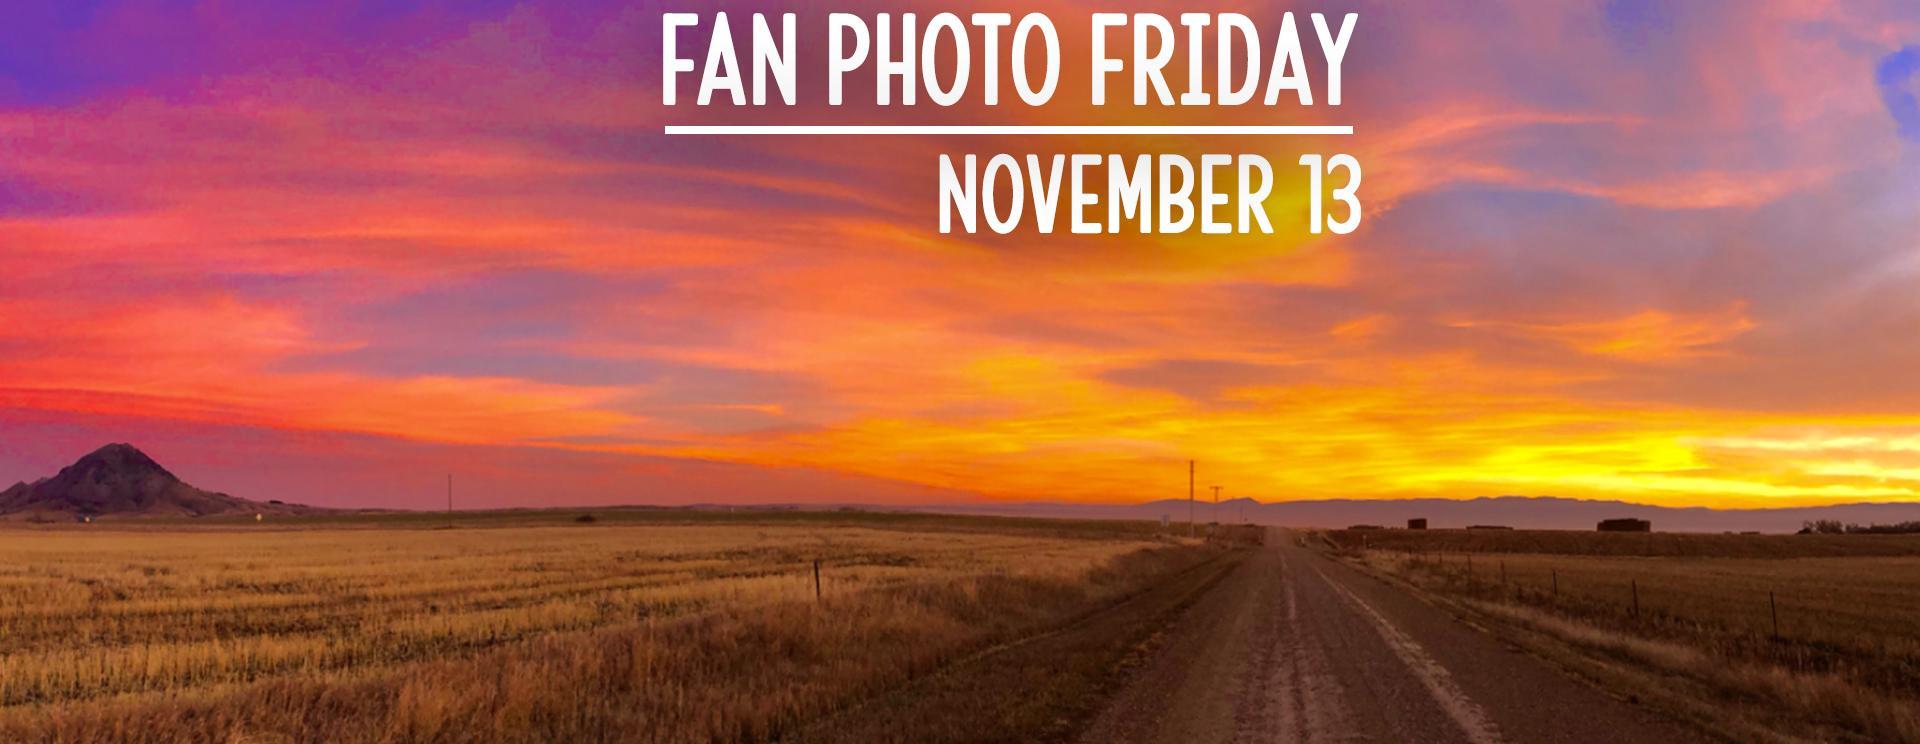 Fan Photo Friday | November 13, 2020